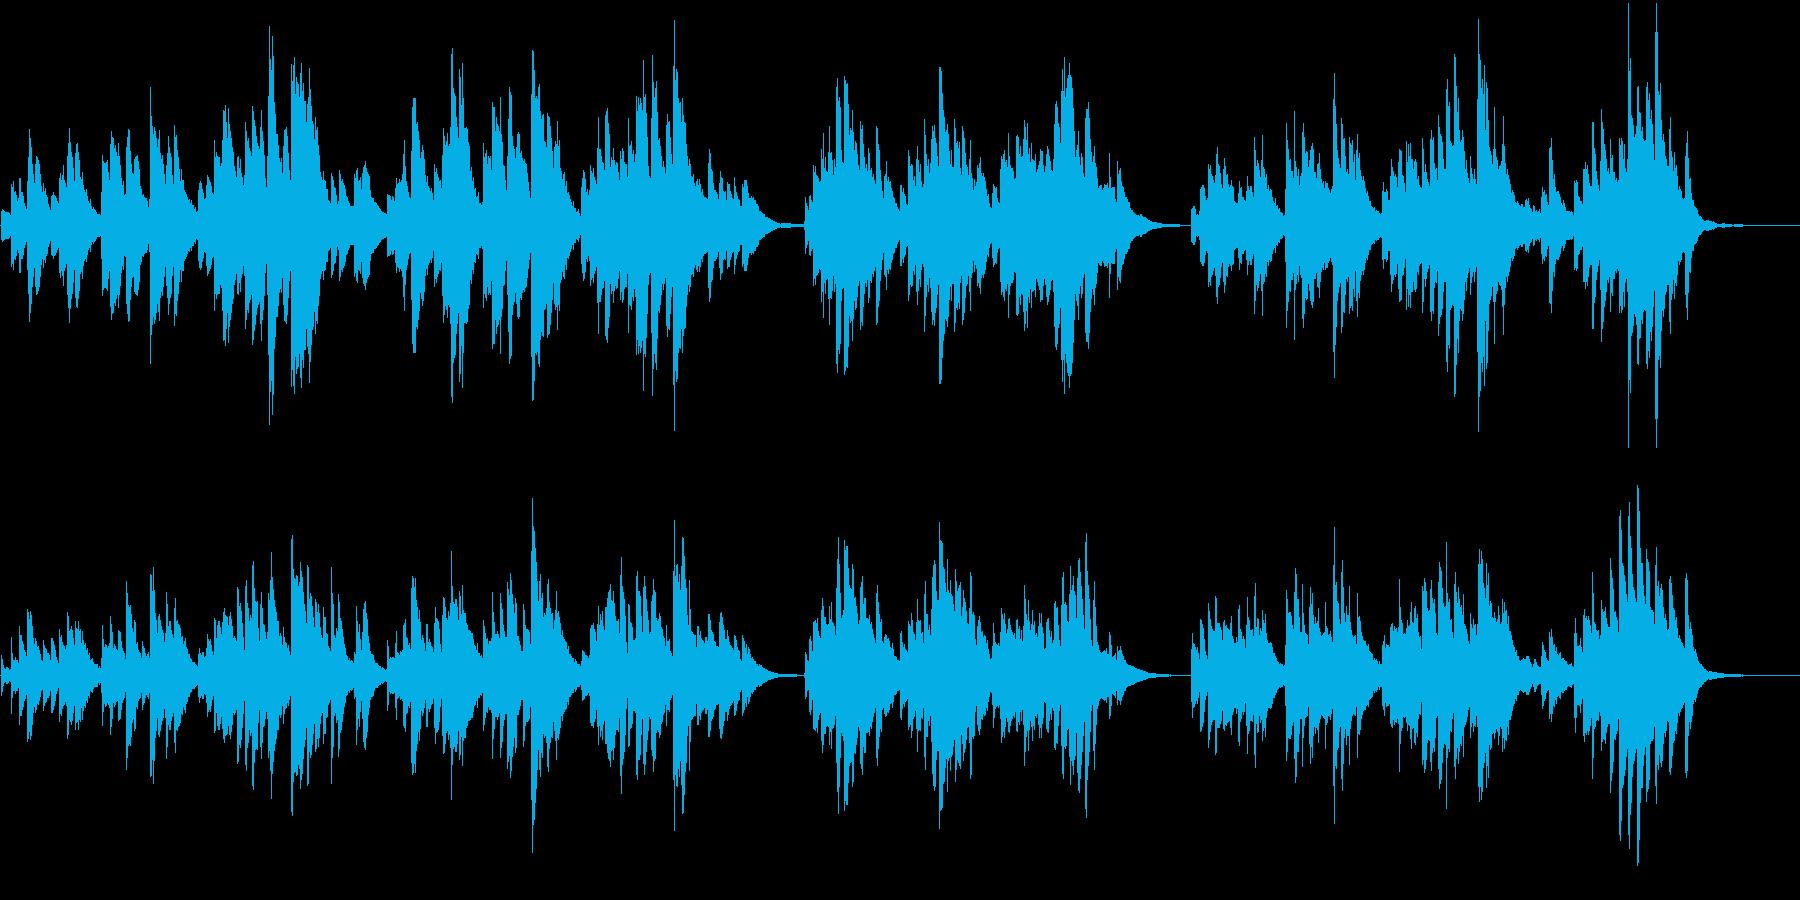 どんより曇り空みたいな重いピアノ曲の再生済みの波形